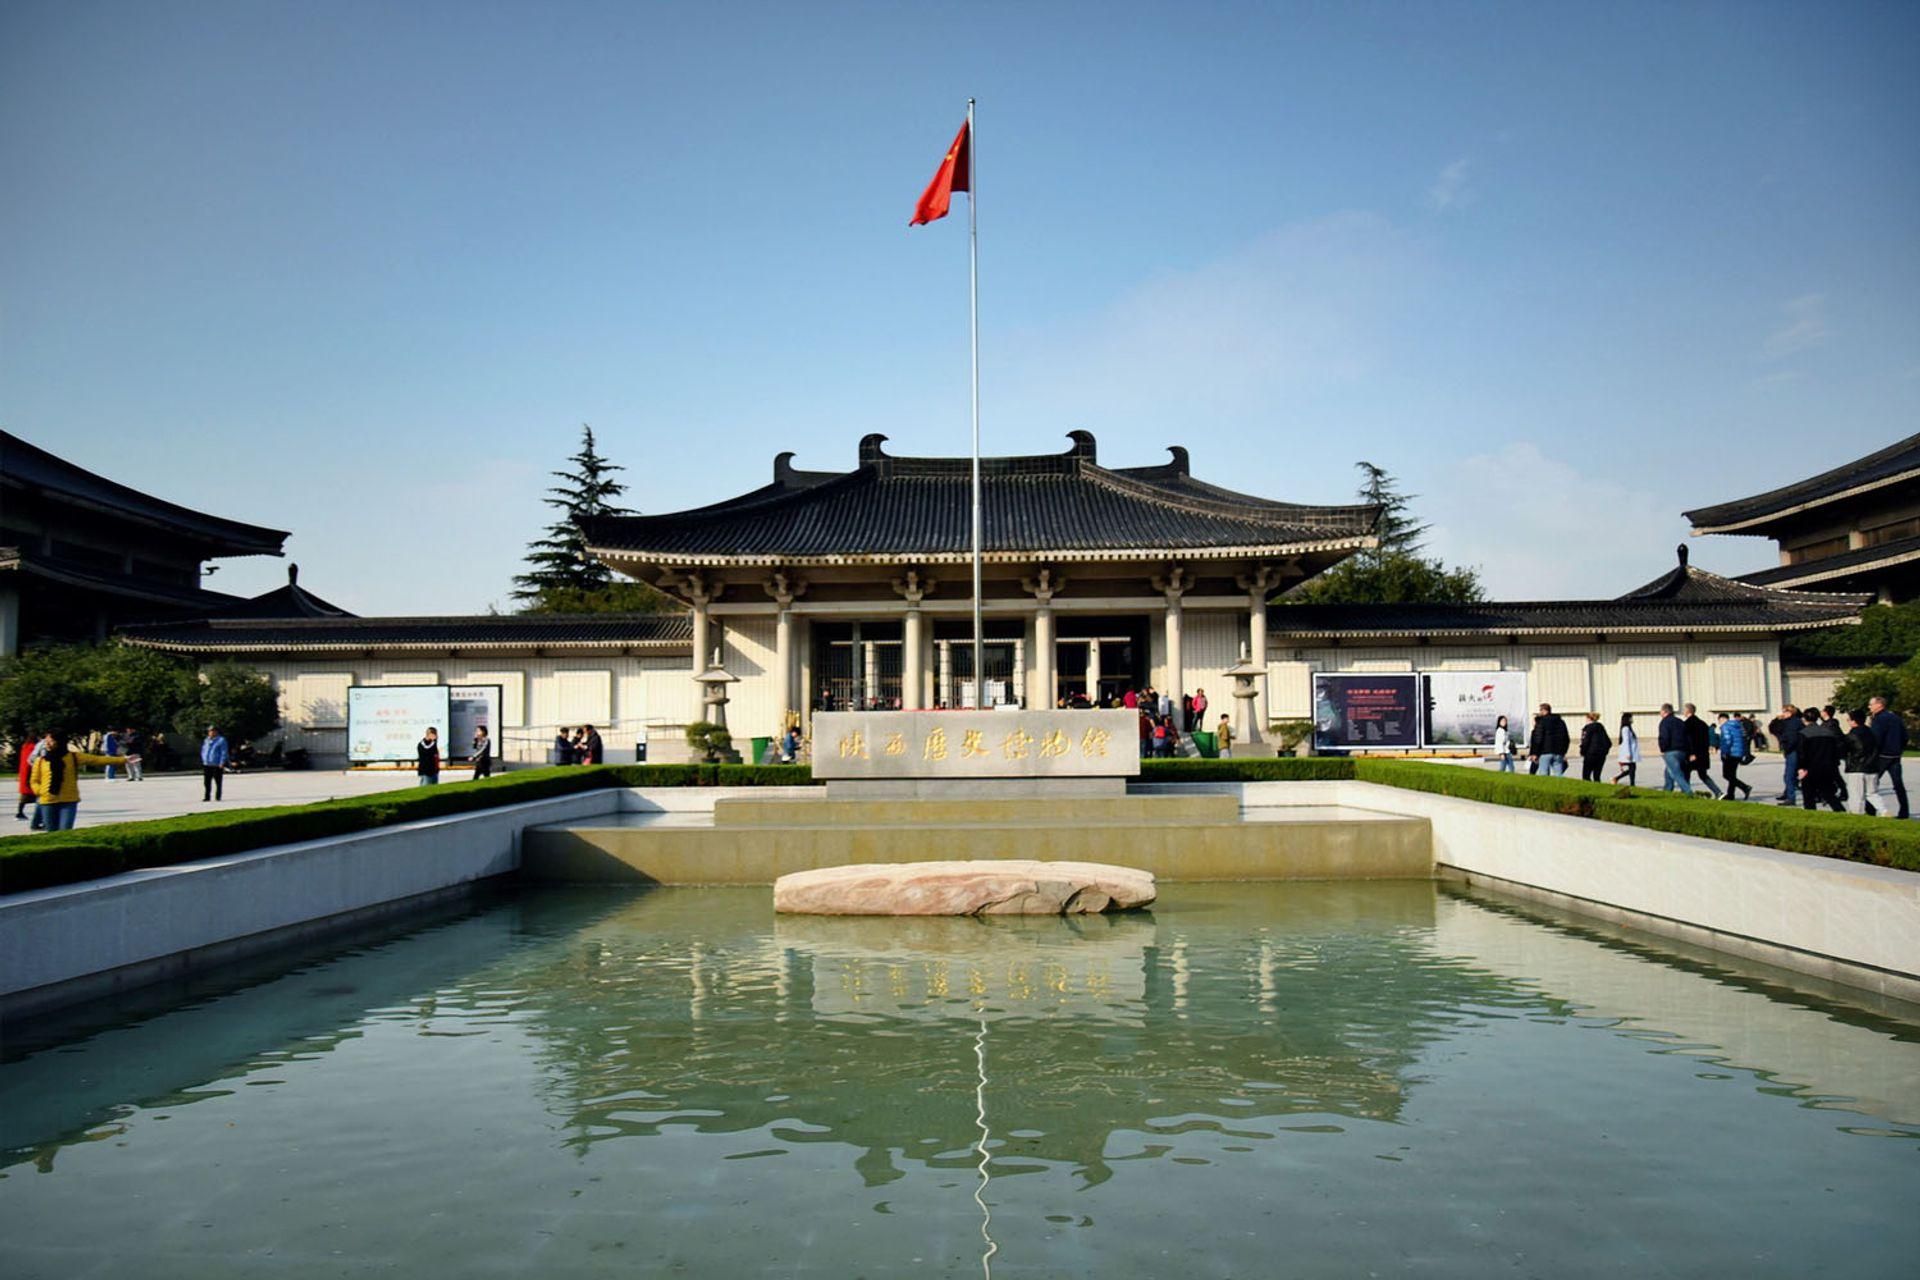 Bảo tàng Lịch sử Thiểm Tây - Nơi tốt nhất để tìm hiểu về lịch sử Trung Hoa